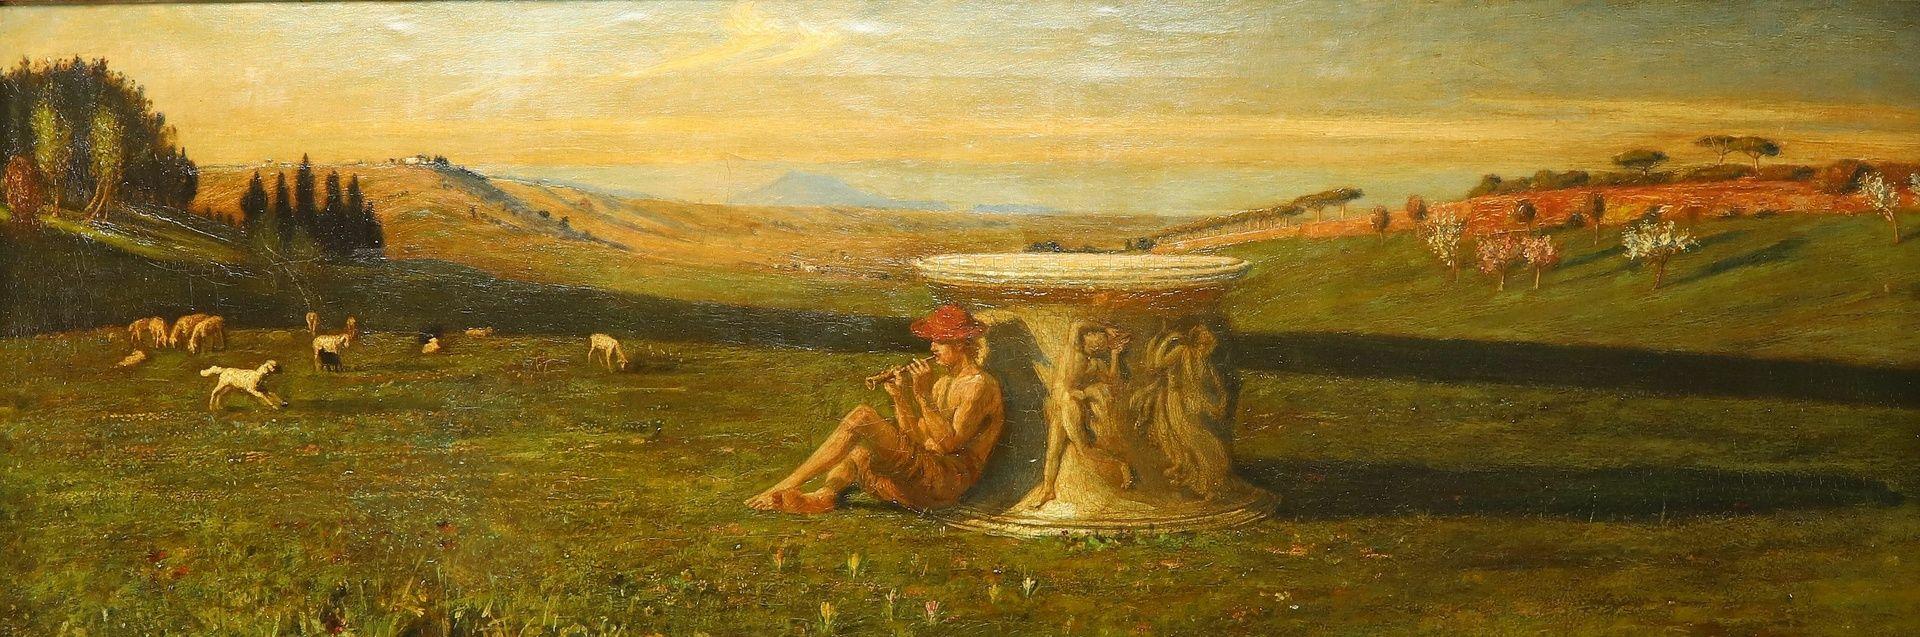 Englischer Monogrammist, Flöte spielender Hirte in arkadischer Landschaft